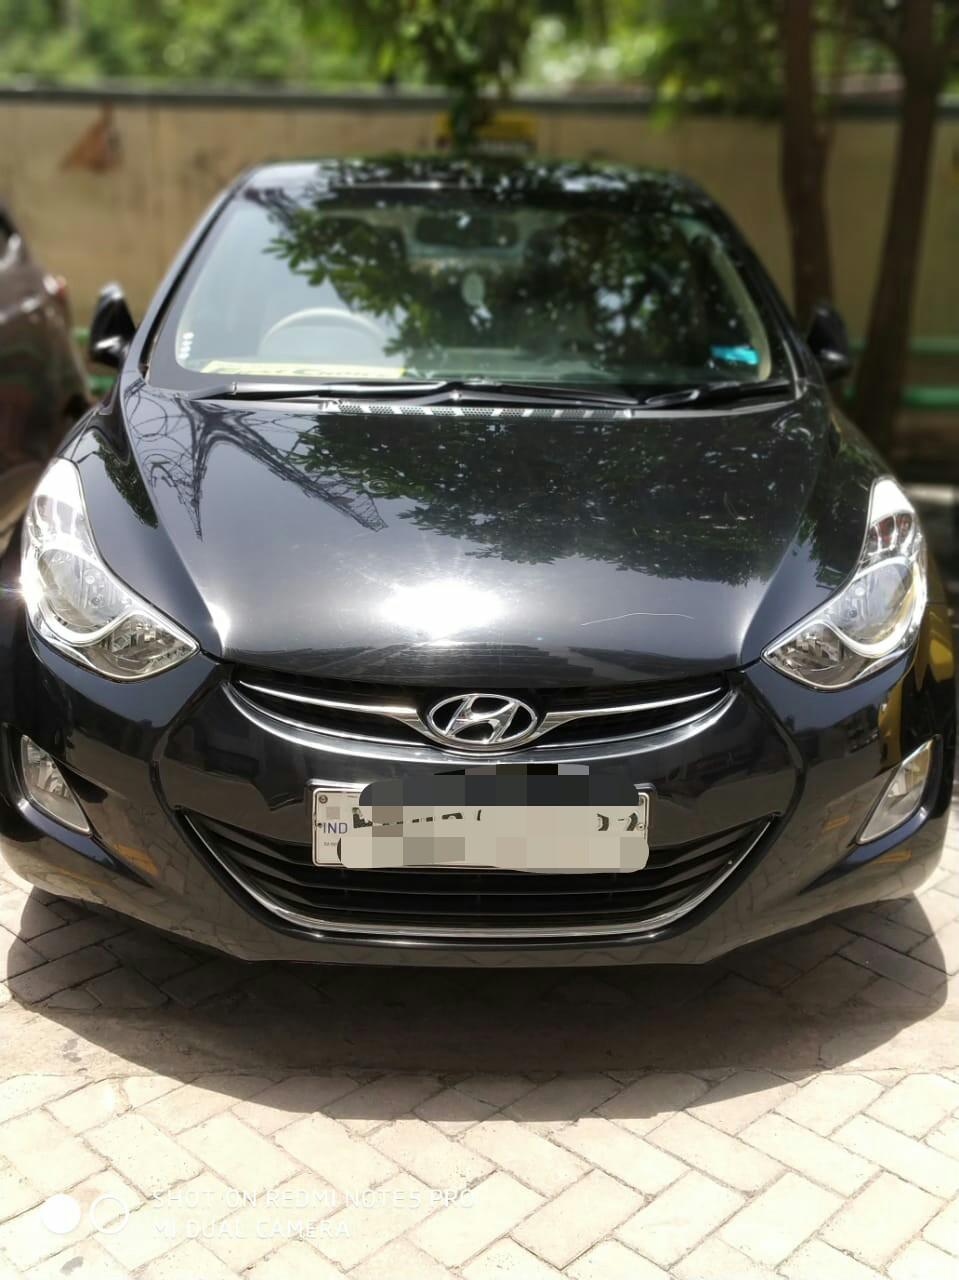 2013 Used Hyundai Elantra VTVT S 1.8 BS IV